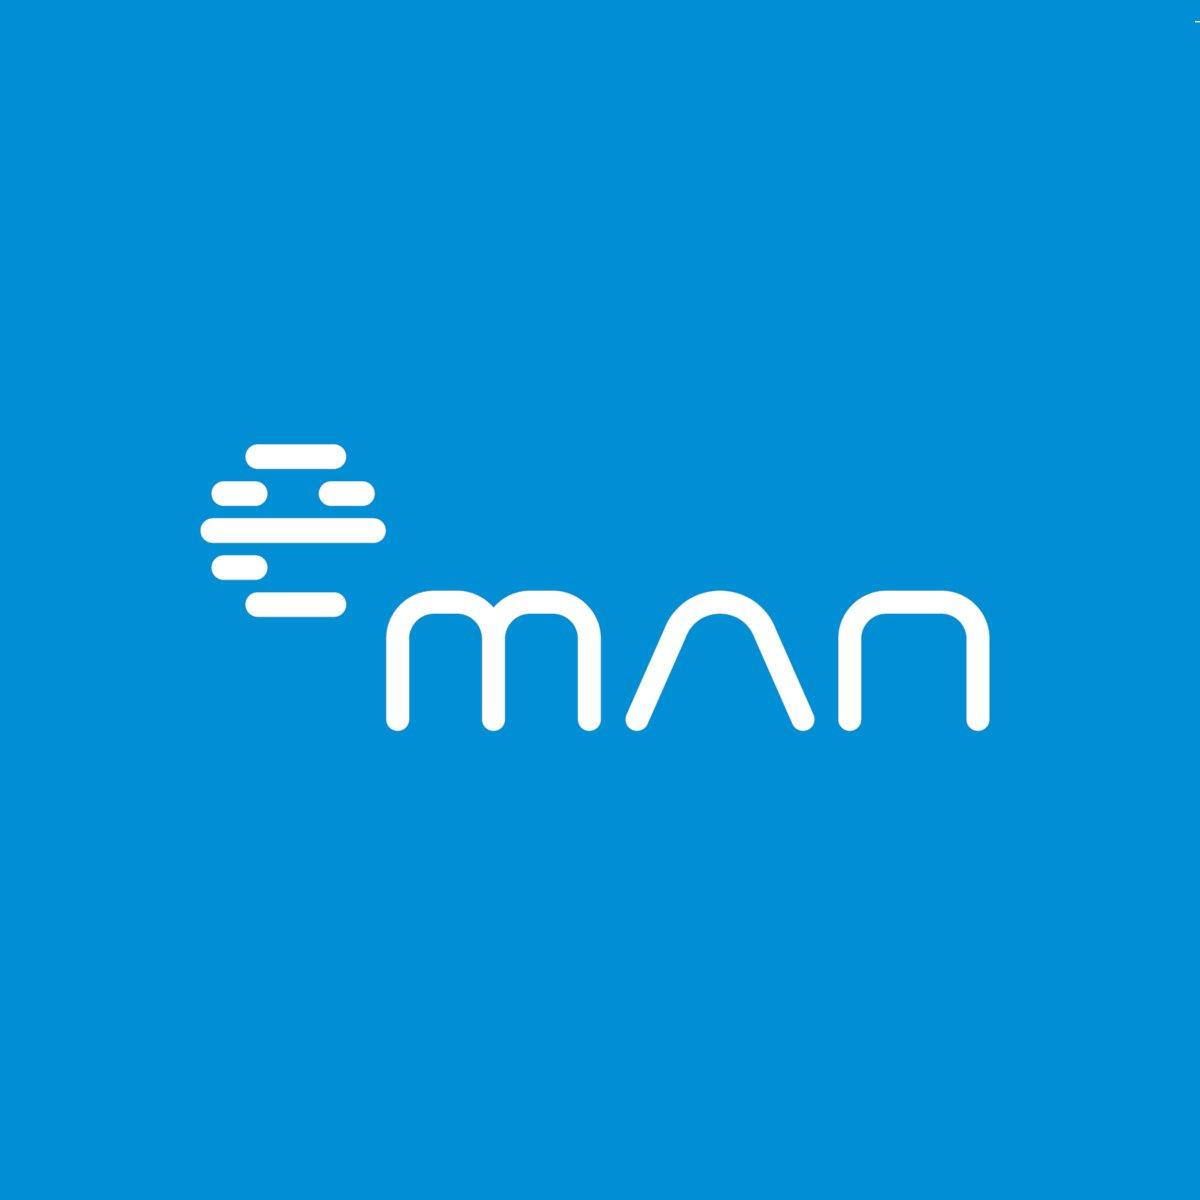 Softwarová firma #eMan vstupuje na pražskou burzu. Nabízí růst na vlně #digitalizace https://t.co/PkZawmijJf #IT #software #IPO #BCPP #PSE @emanprague https://t.co/OAt9WgpWvH